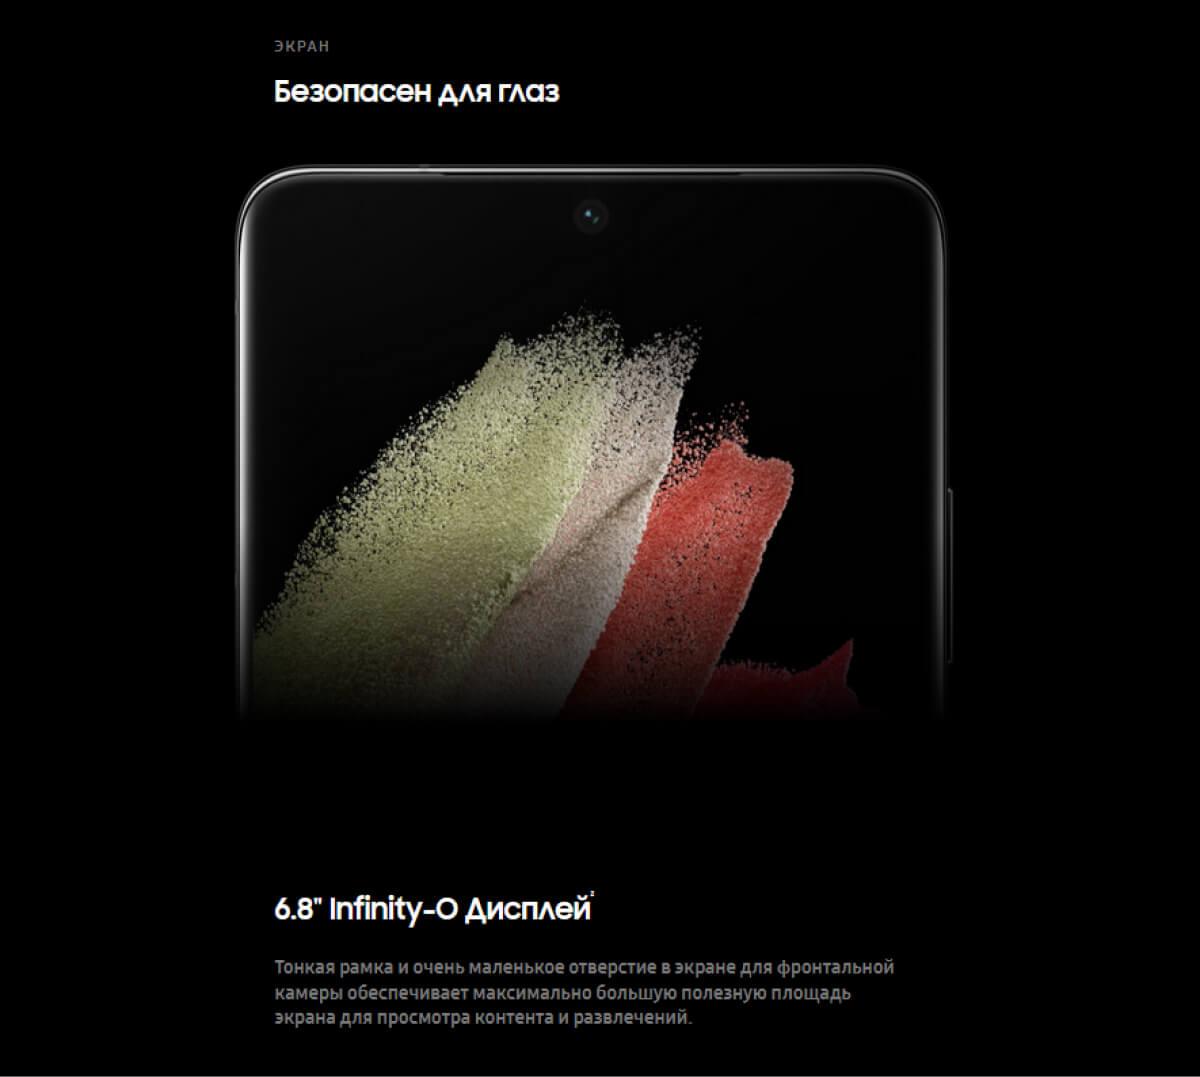 Samsung Galaxy S21 Ultra 5G 12/256 GB Серебряный фантом